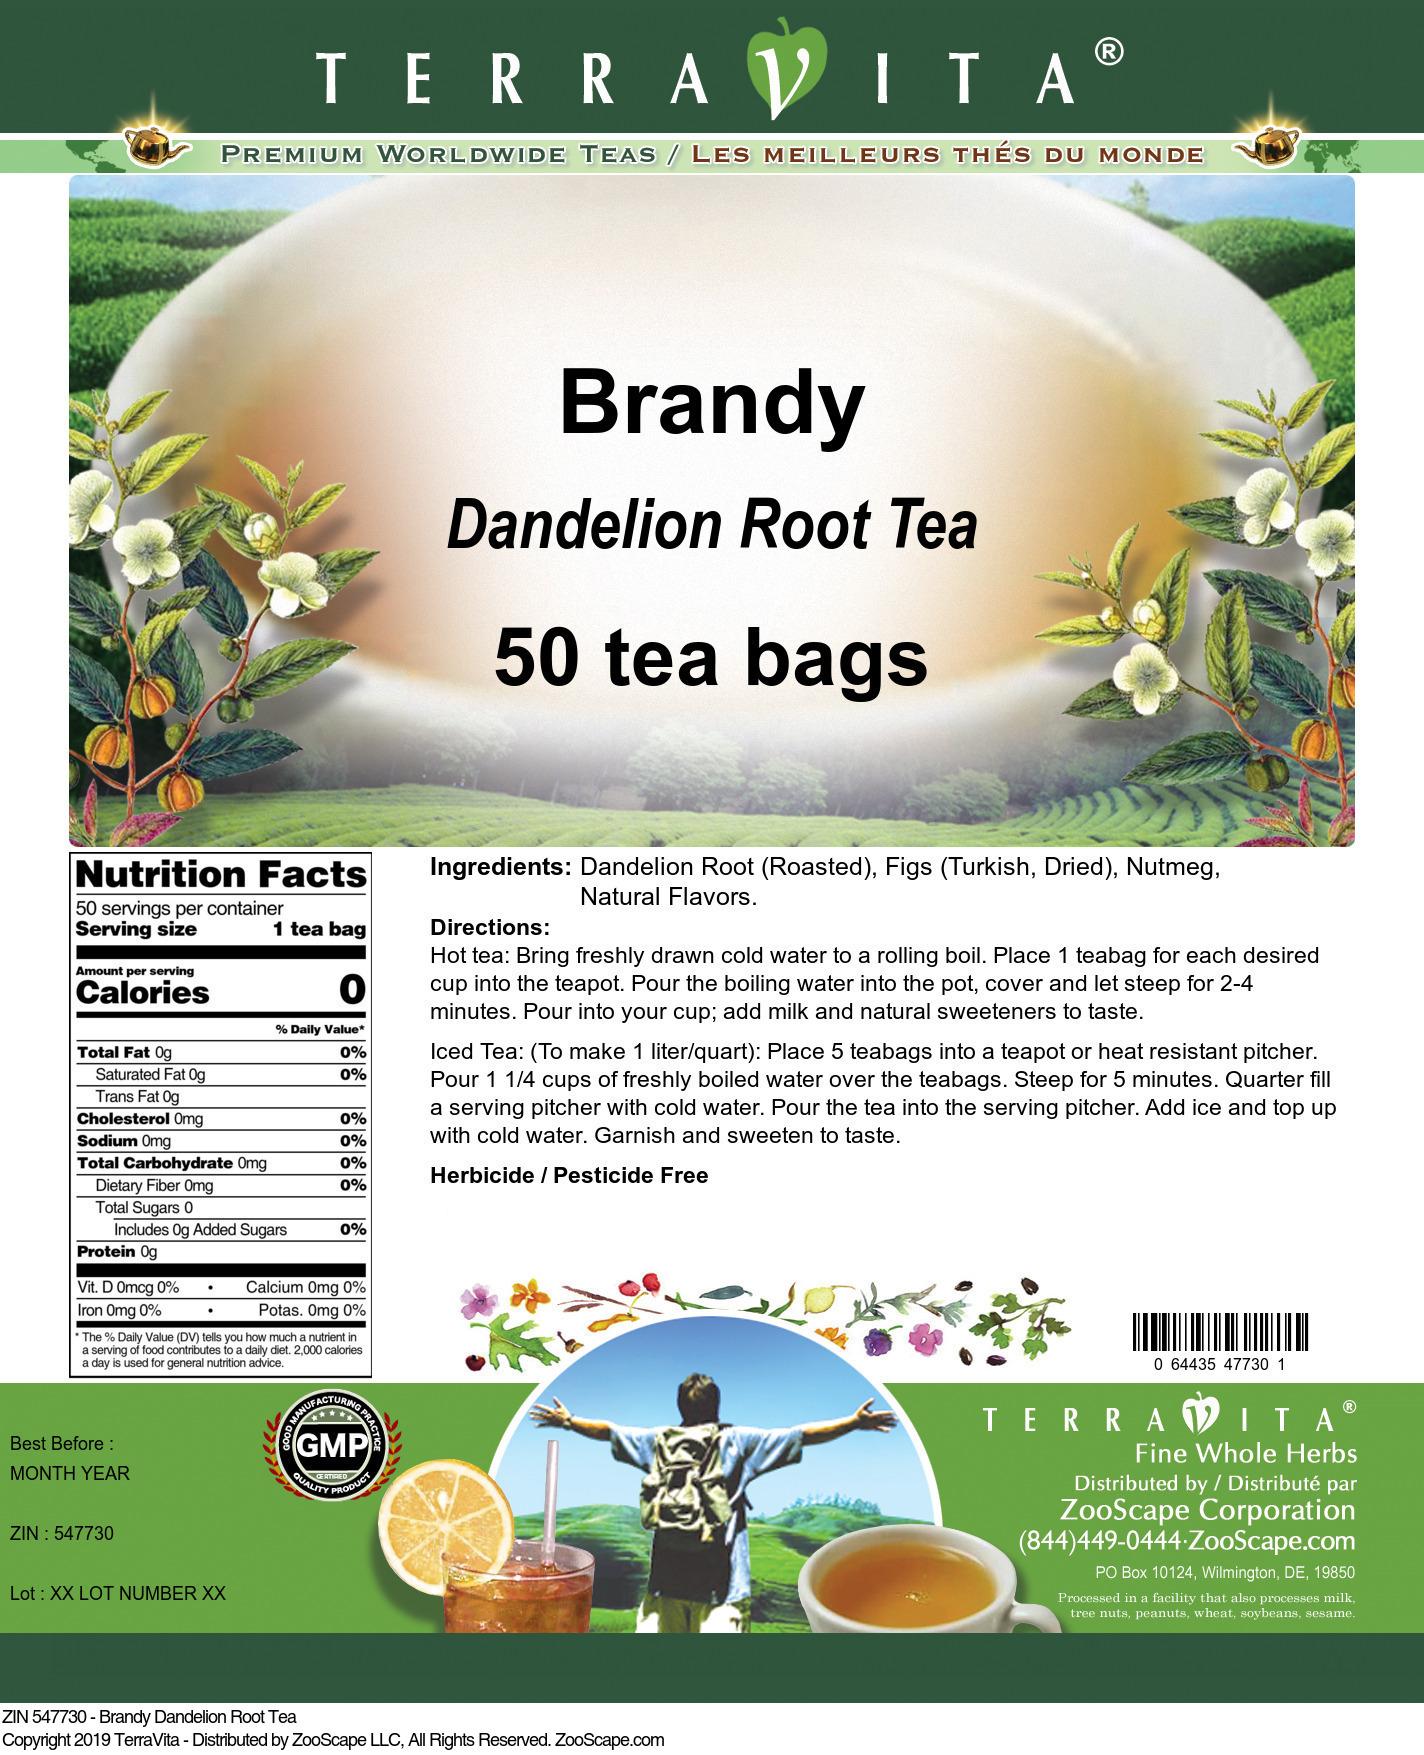 Brandy Dandelion Root Tea